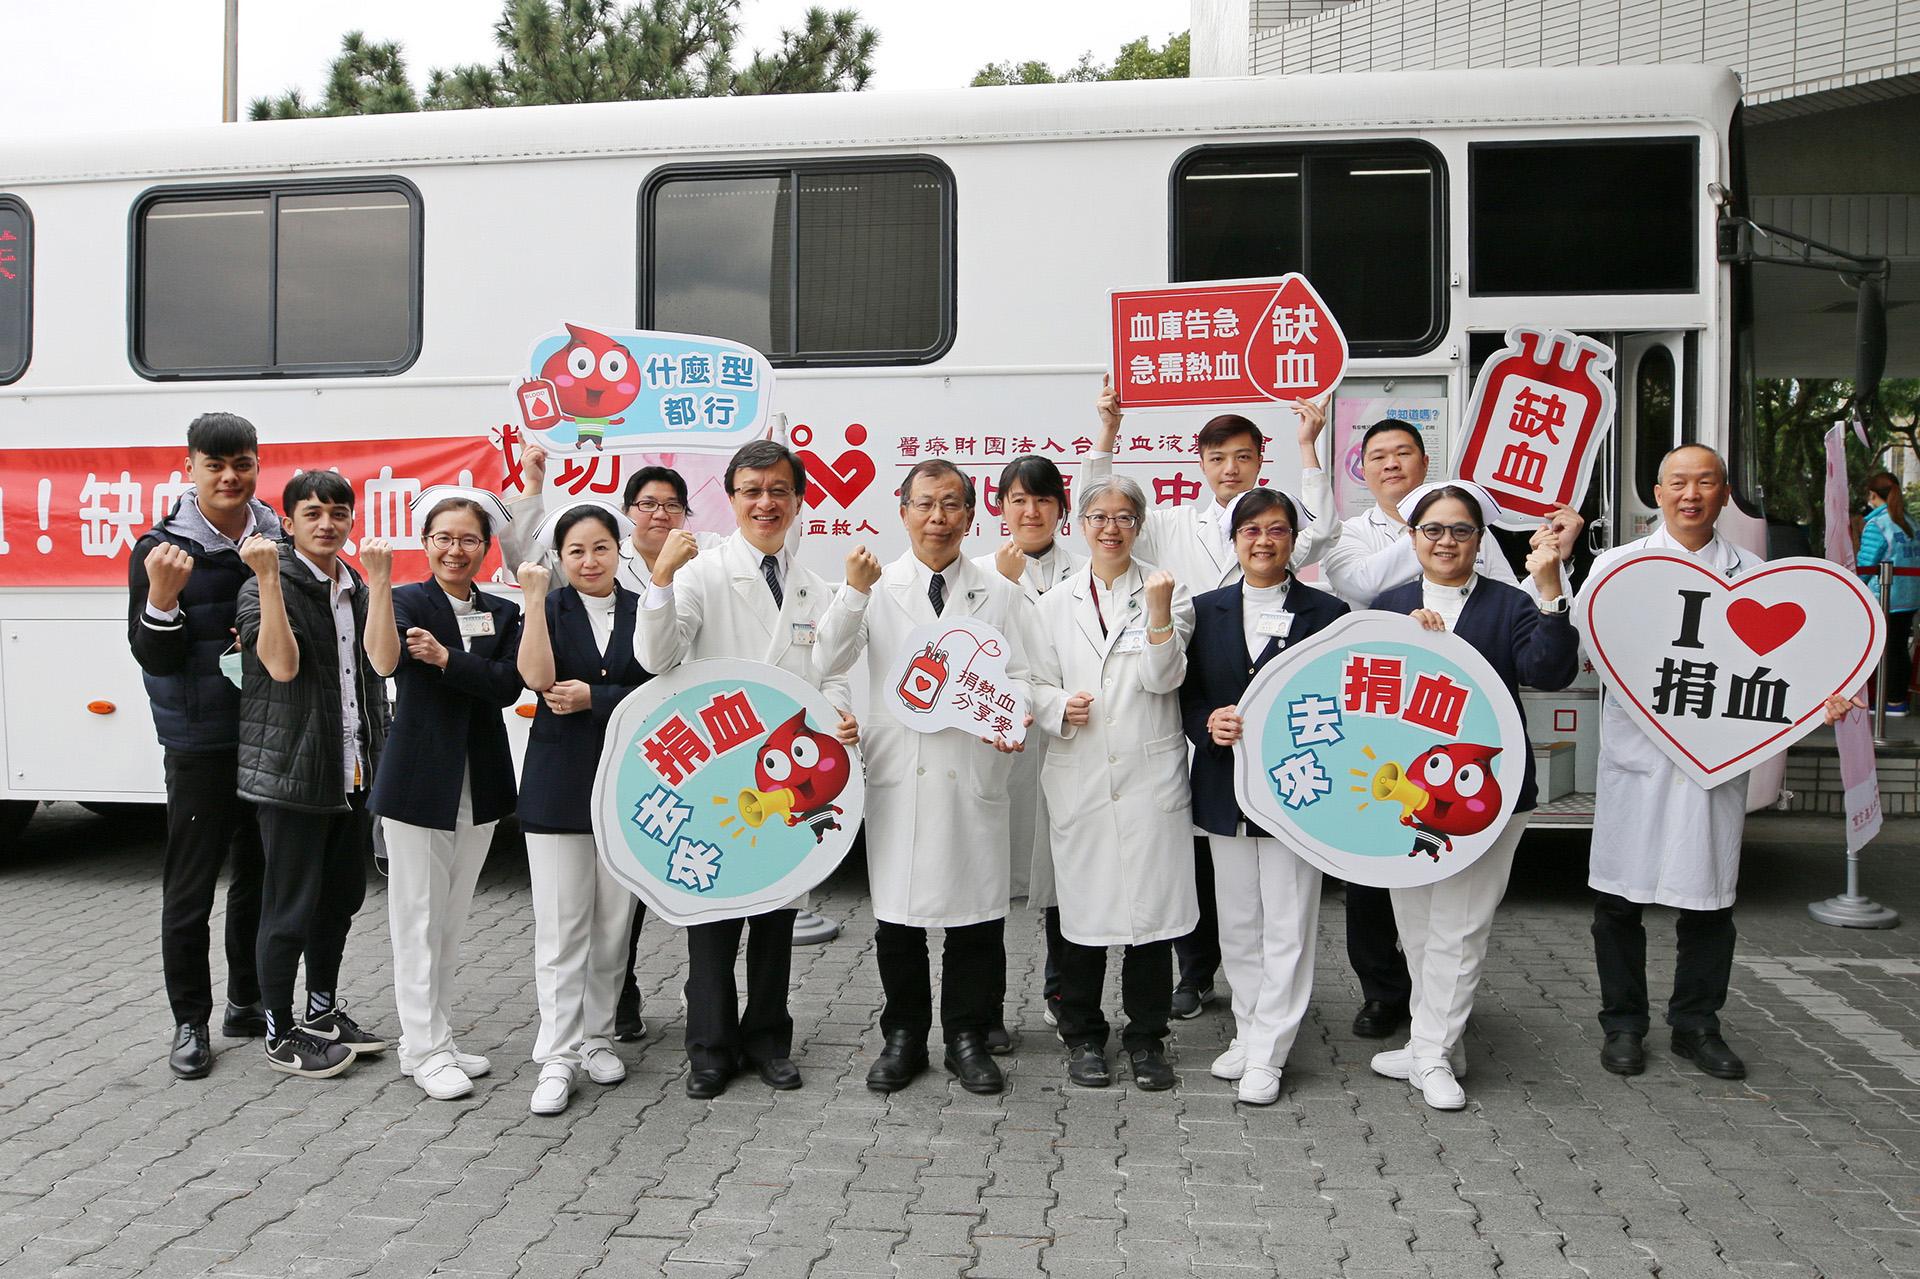 花蓮慈濟醫院與臺北捐血中心花蓮捐血站合作,十八日在大廳門前設捐血點,號召醫院同仁、志工與鄉親響應,一起上「捐血車」捐血。